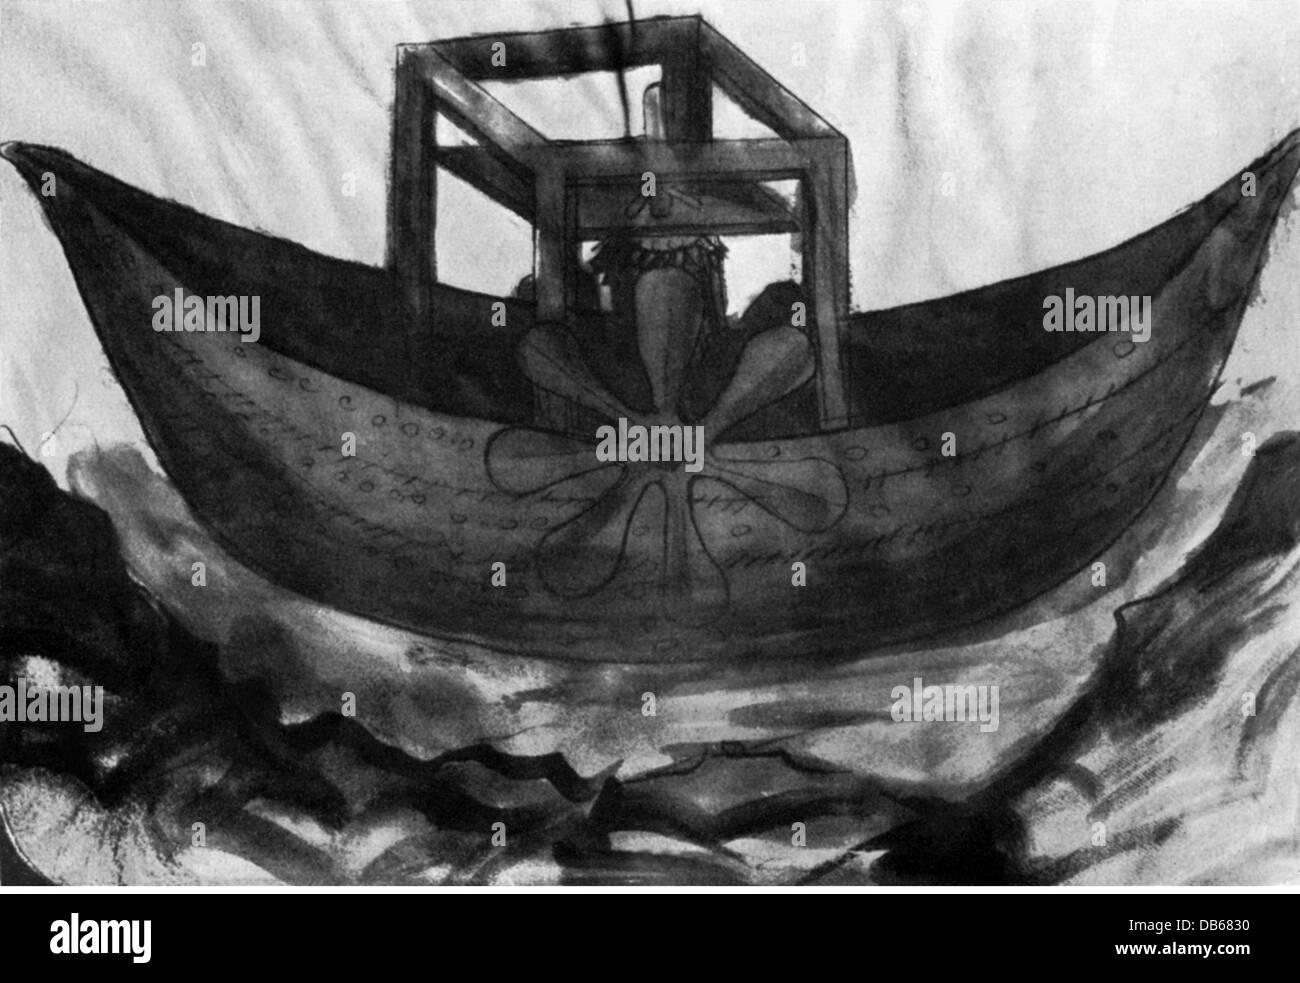 Trasporti / trasporto, navigazione, Medioevo, ruota a pale nave, concetto di Konrad Kyeser (1366 - dopo il 1405), Immagini Stock